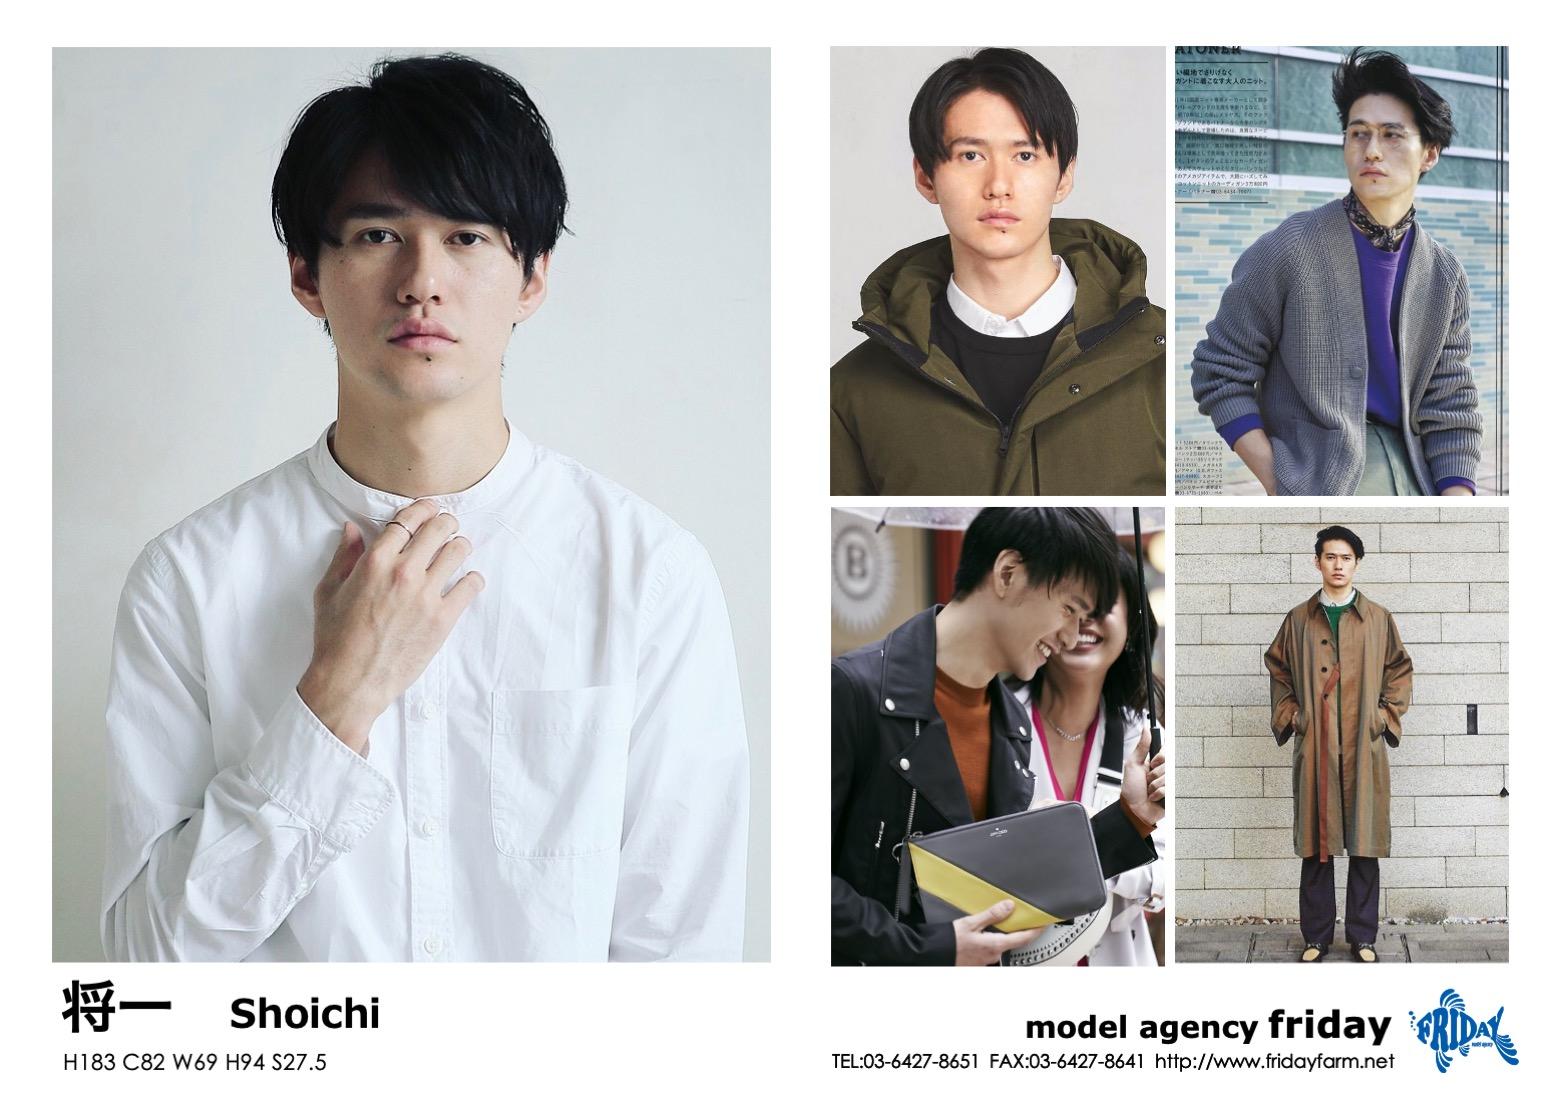 将一 - Shoichi | model agency friday